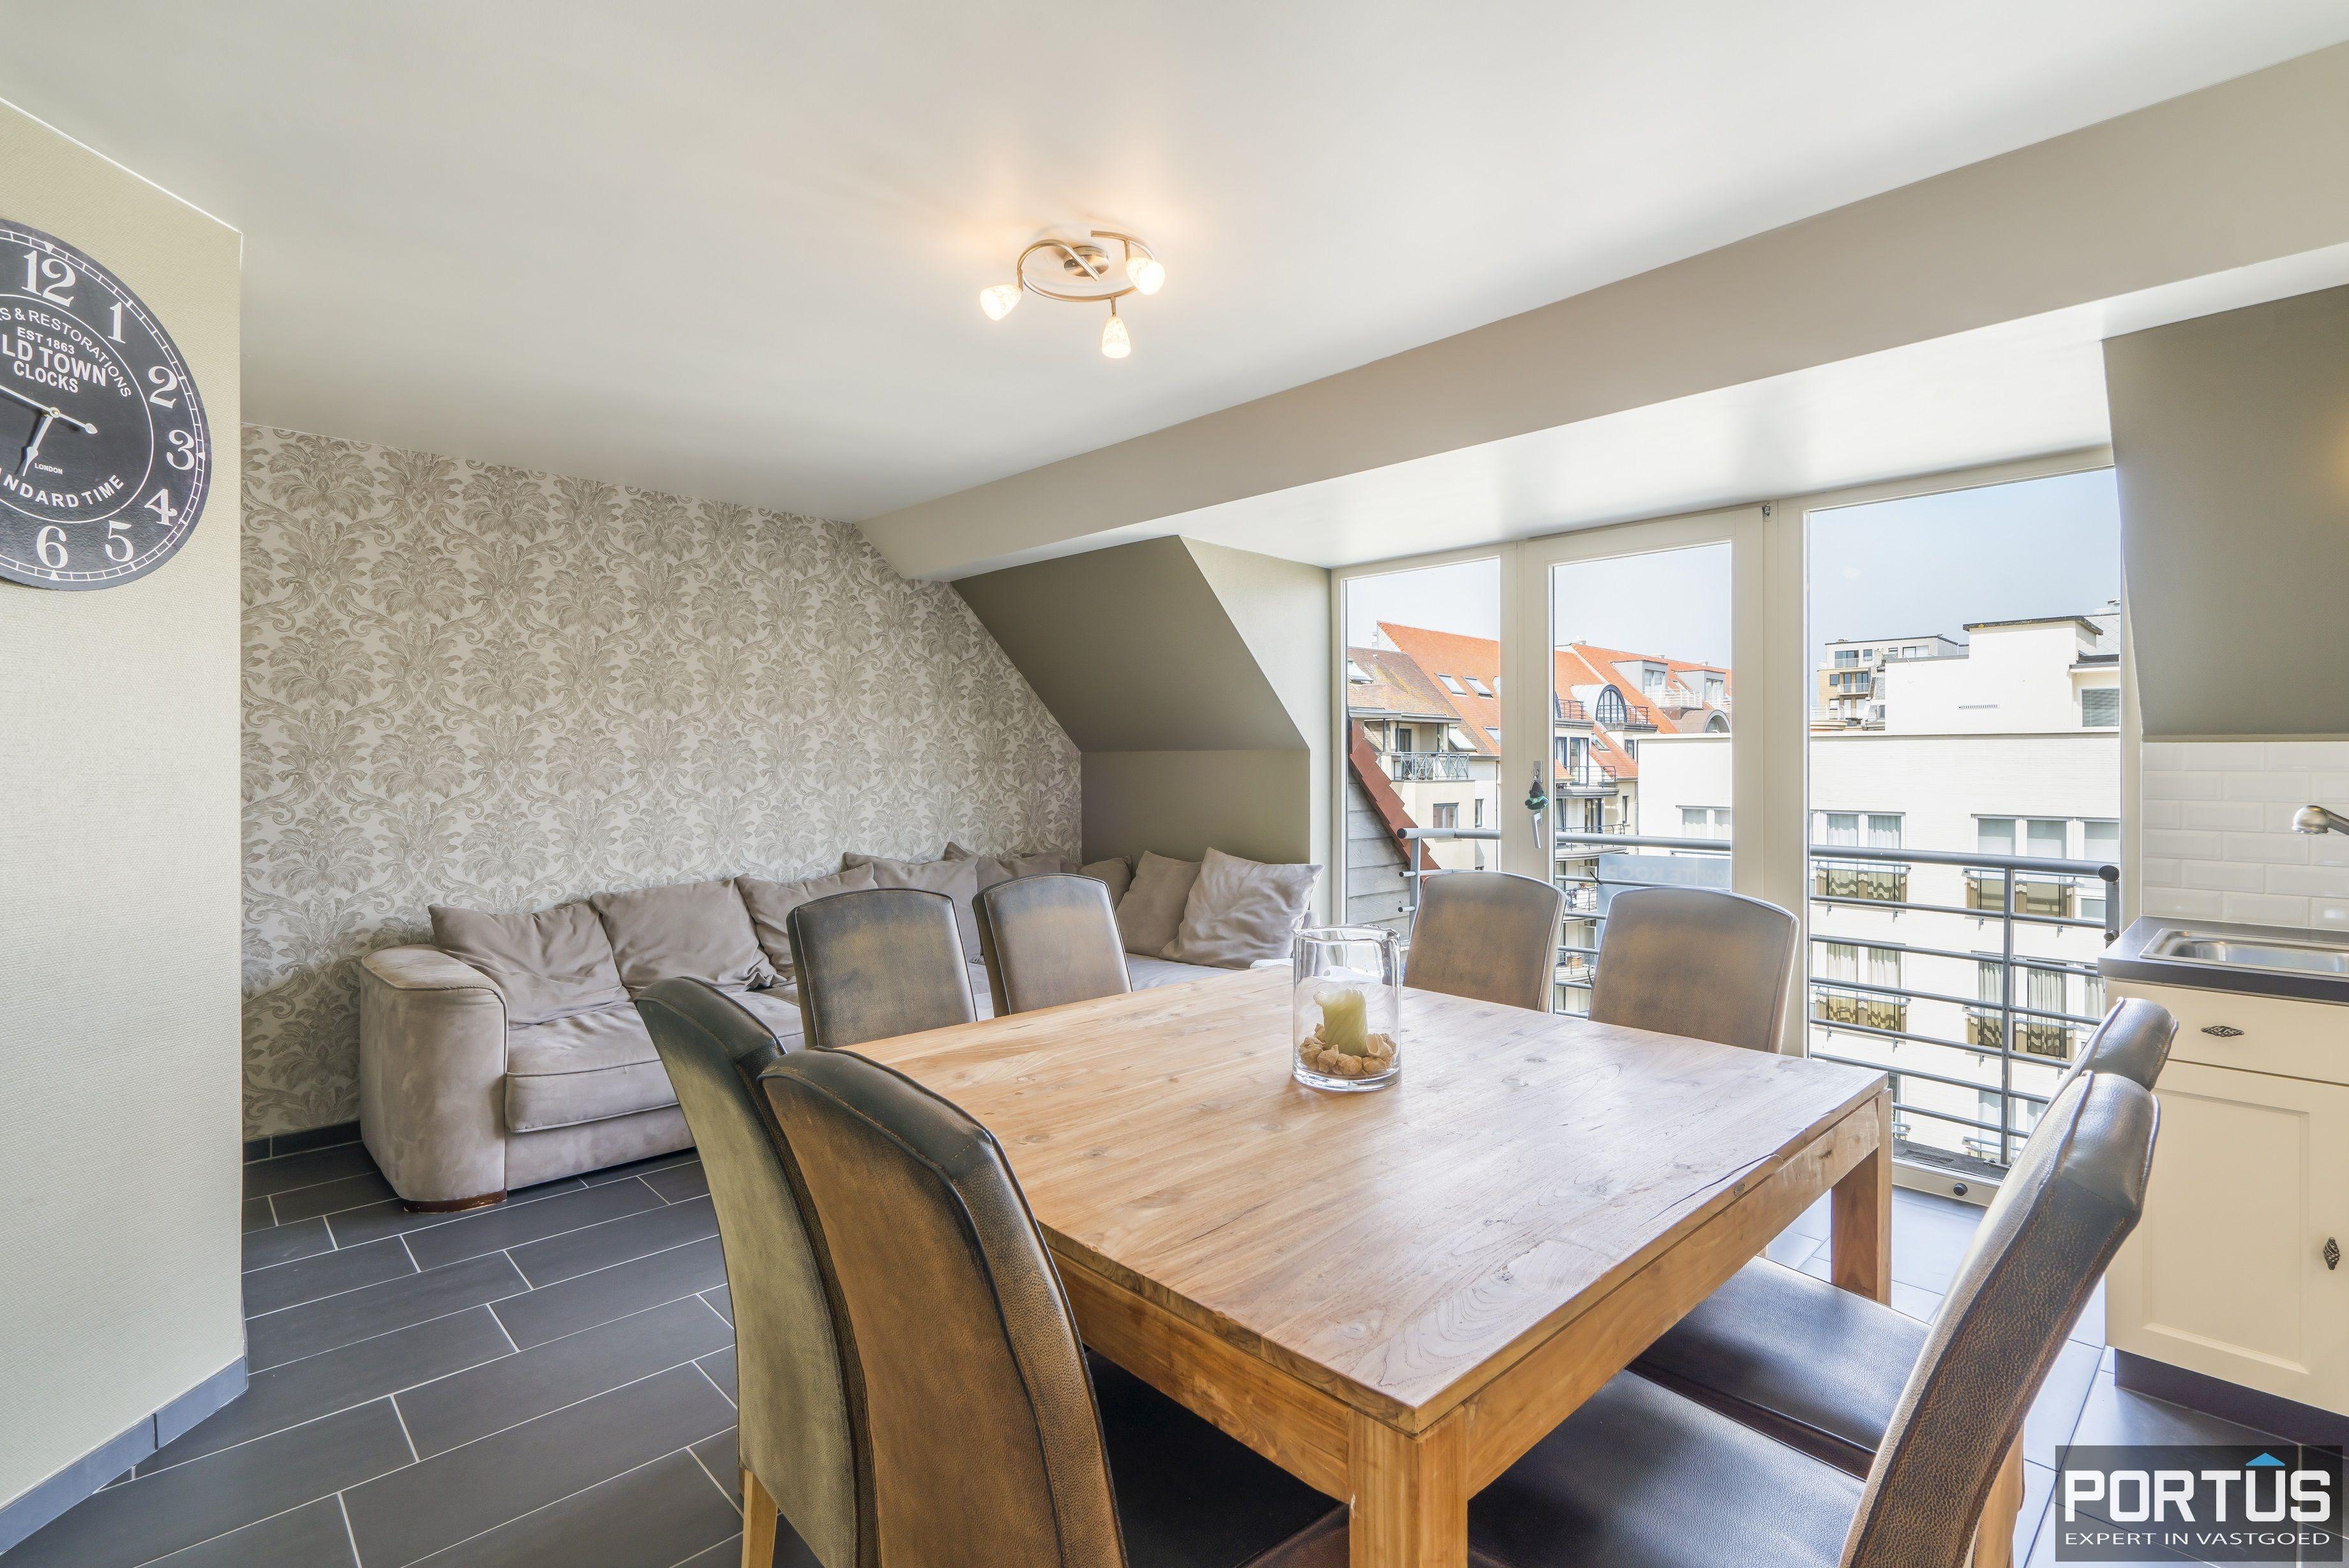 Appartement op wandelafstand van het strand te koop te Nieuwpoort-Bad - 13177